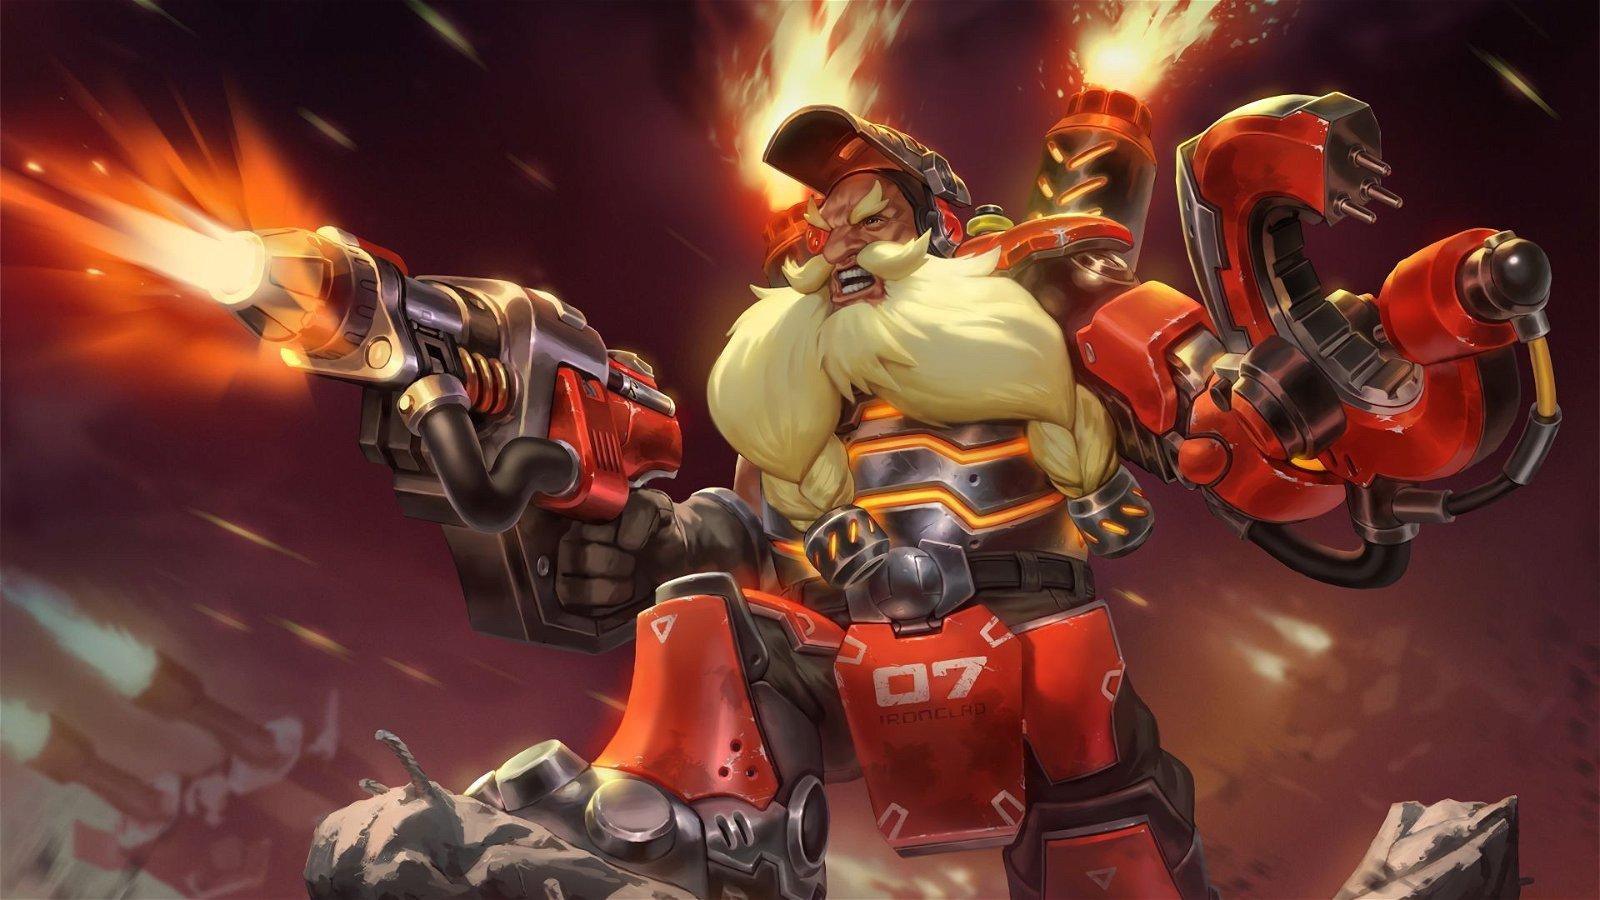 Overwatch: Las continuas actualizaciones están afectando al rendimiento de los jugadores profesionales